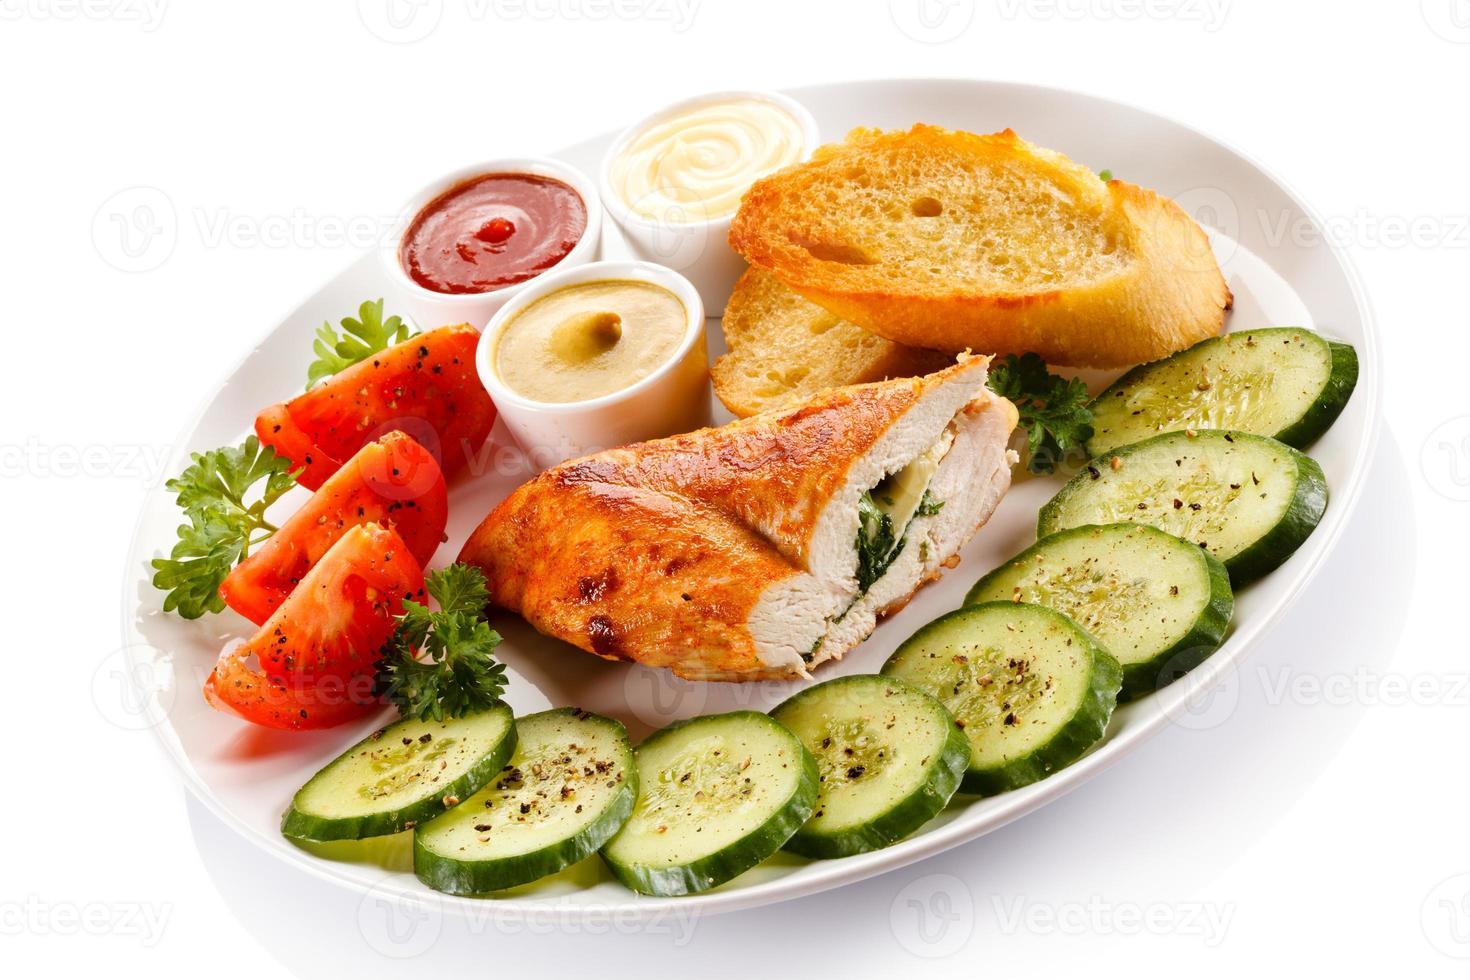 fylld kycklingfilé och grönsaker foto